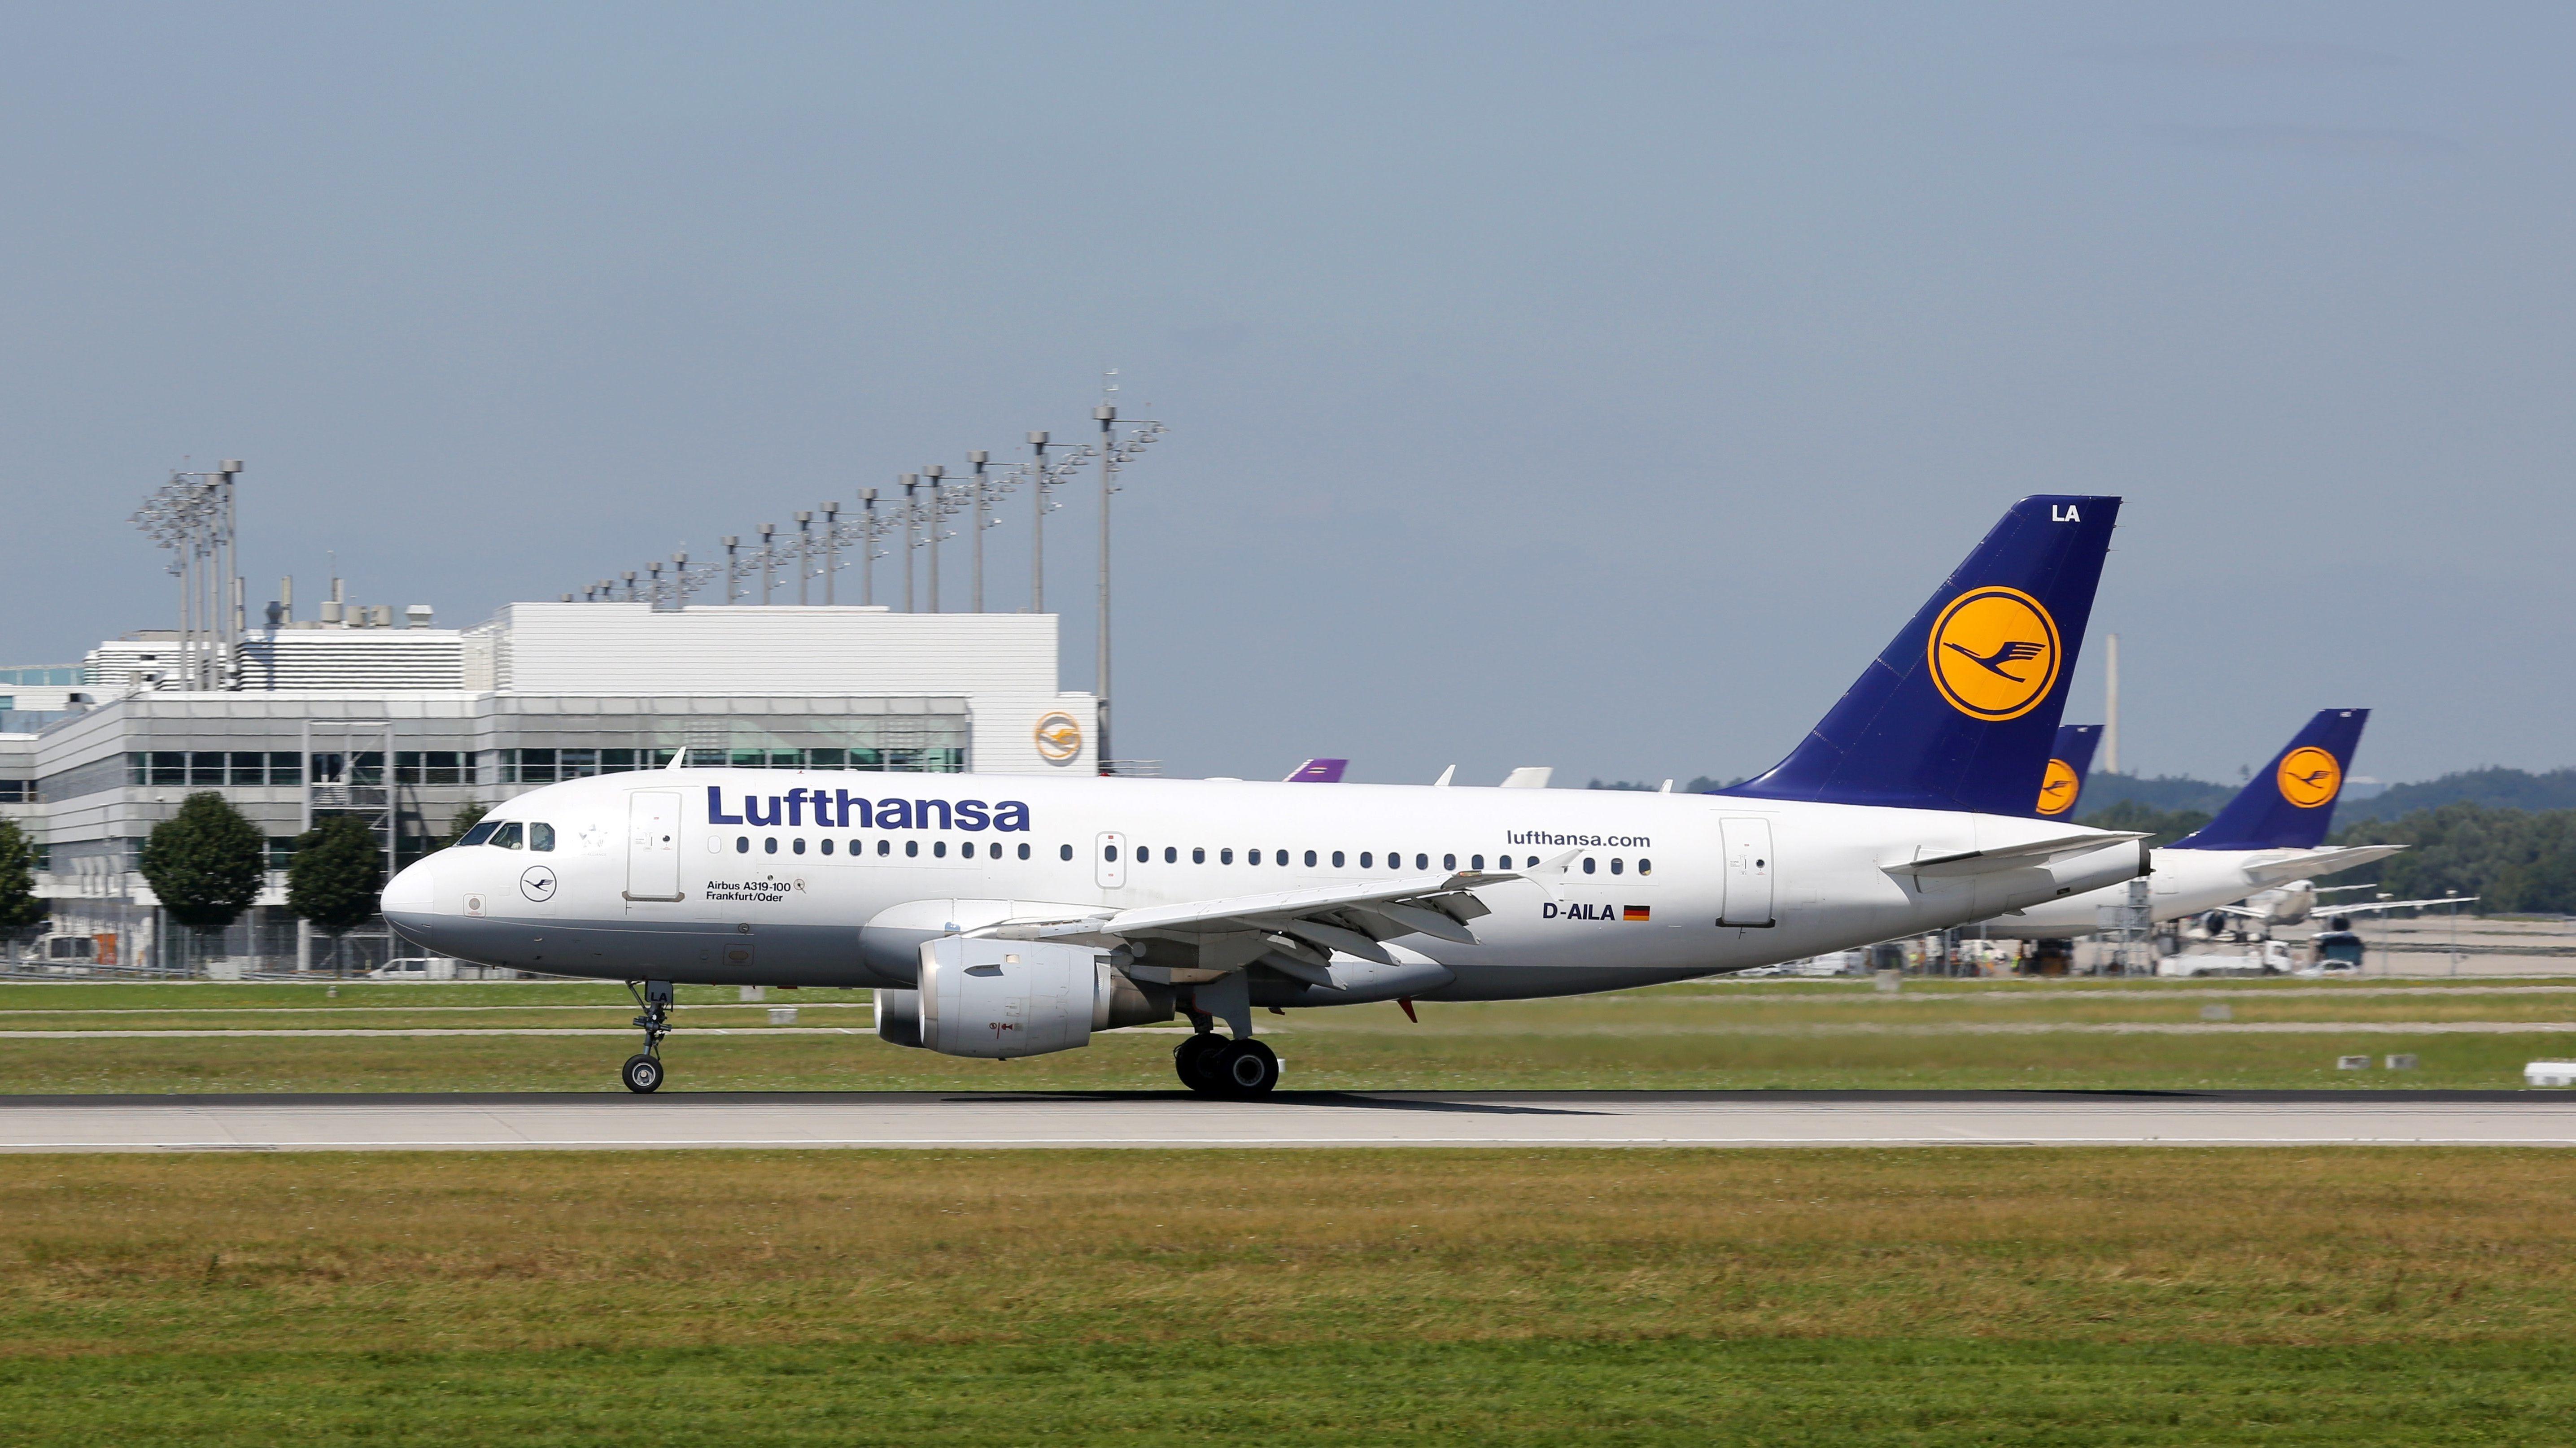 Lufthansa Airbus A319 Flugzeug Flughafen München